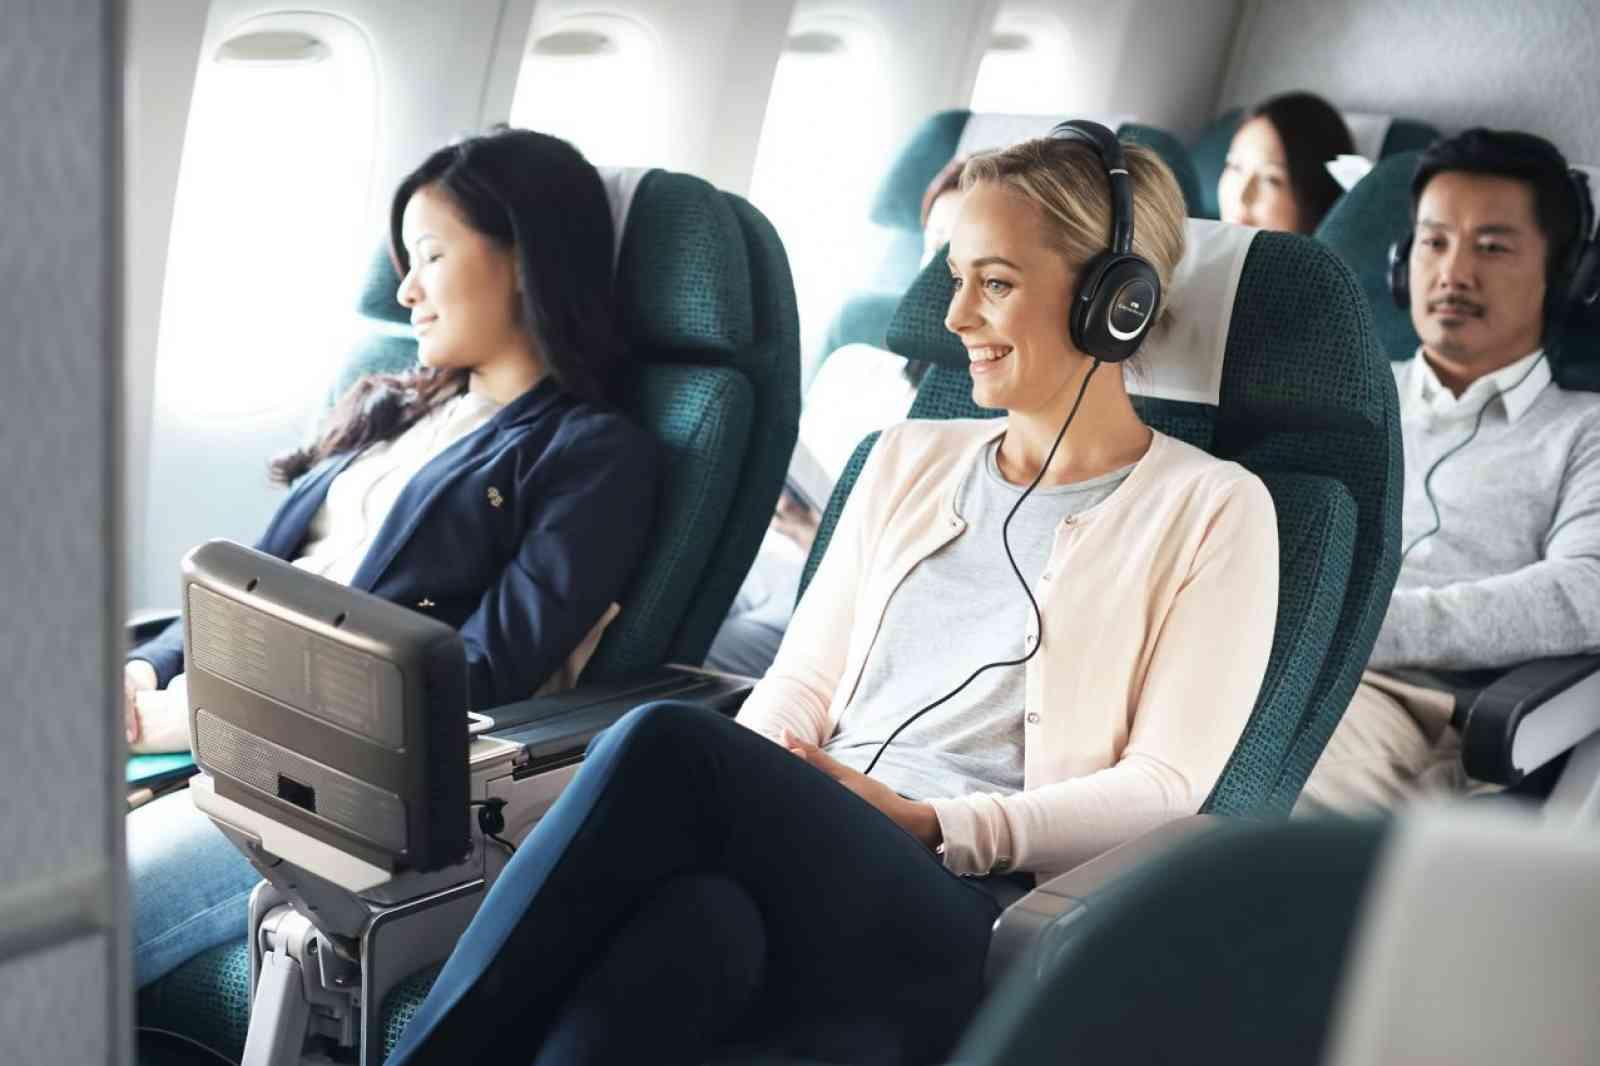 Het entertainmentsysteem in Cathay Pacific Premium Economy Class